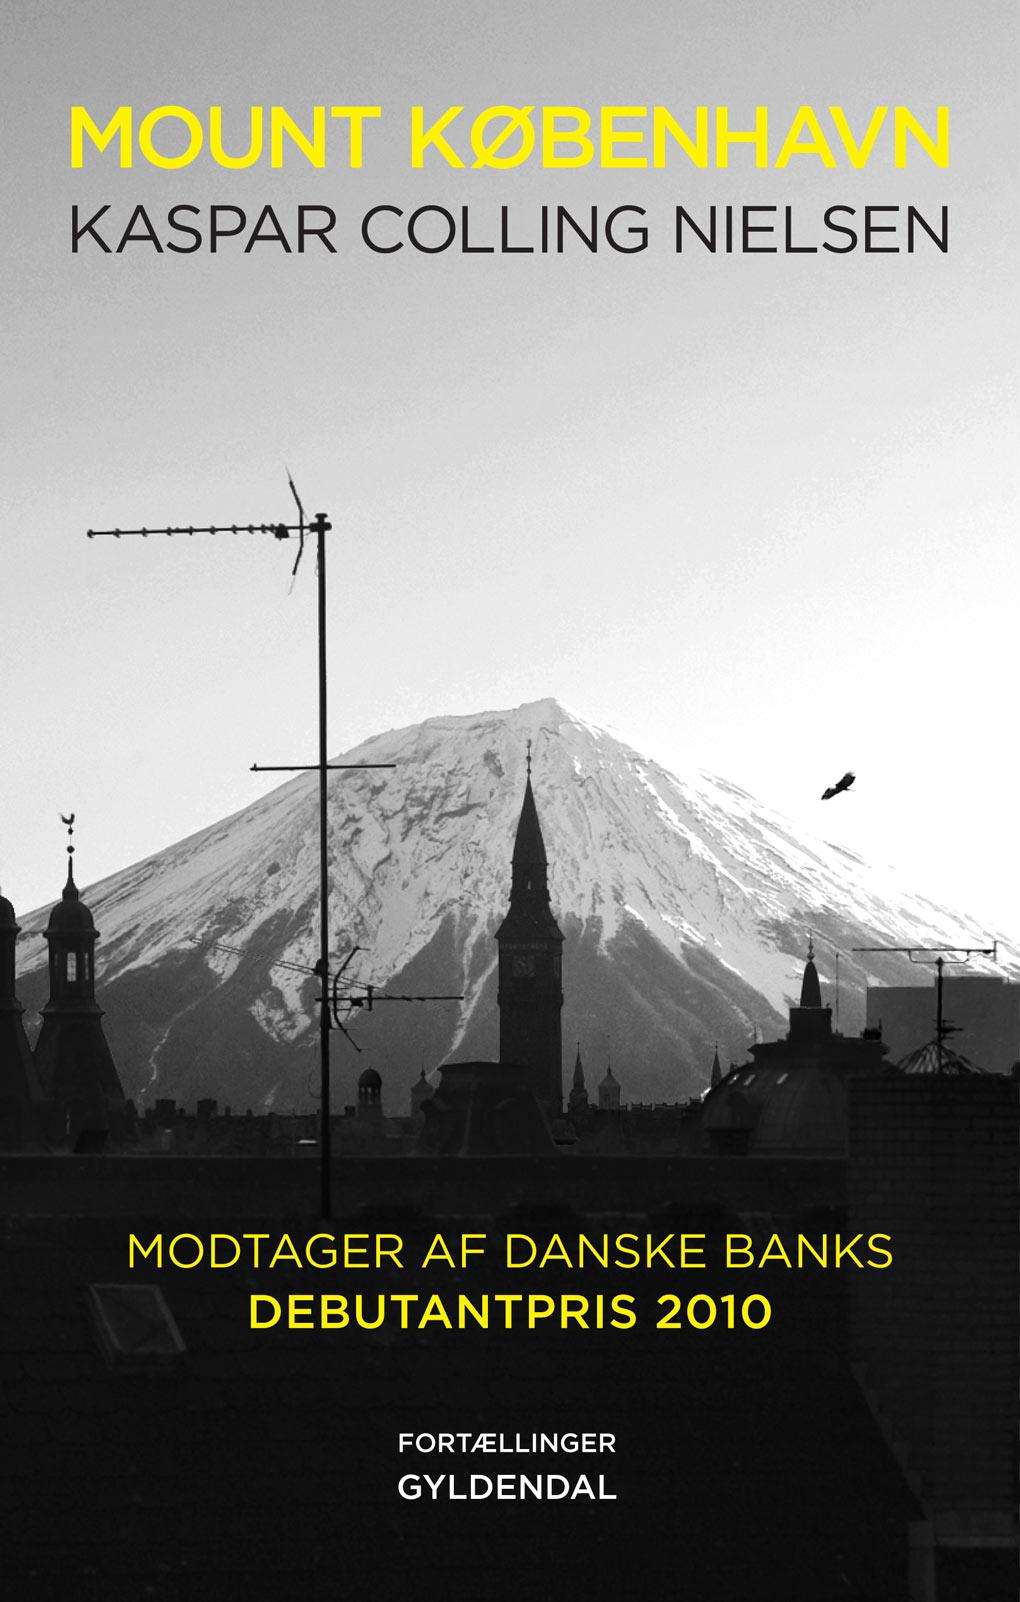 Gyldendal – book cover for Mount København